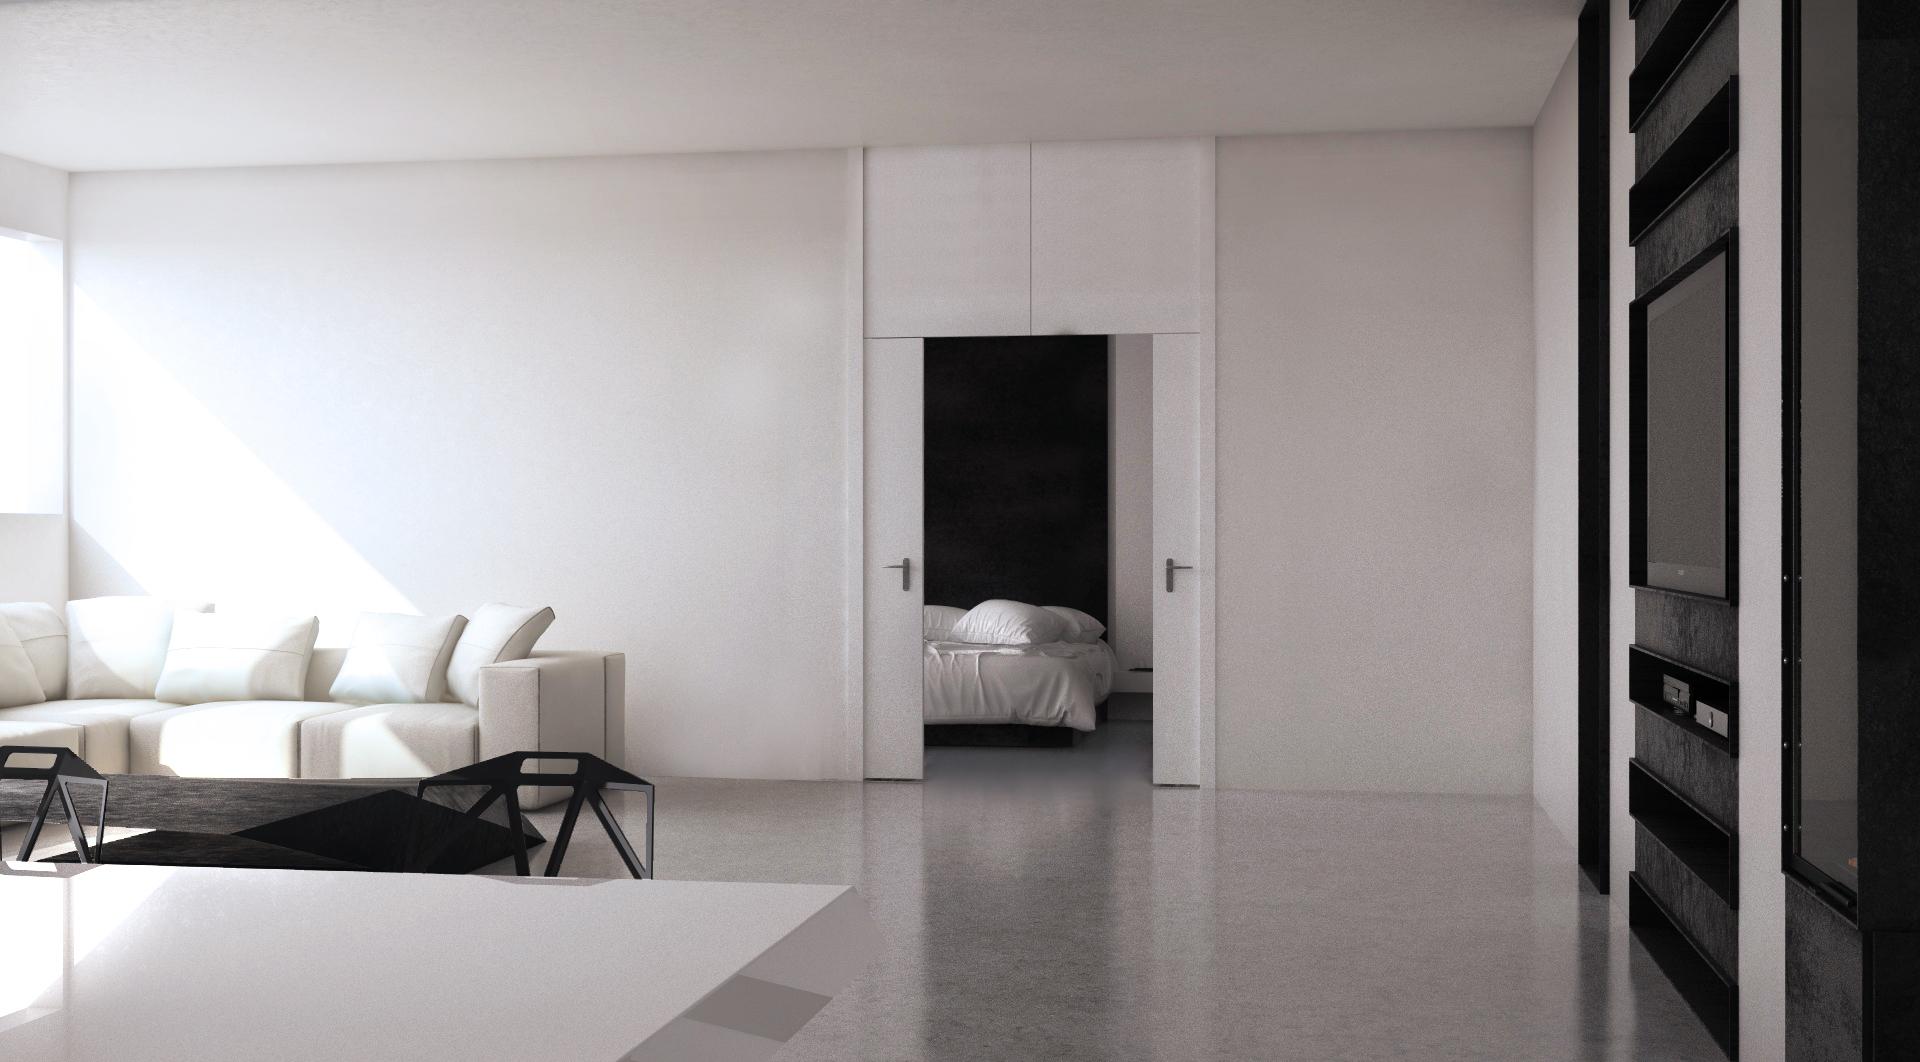 Interiores minimalistas en madrid grupo ias for Interiores minimalistas